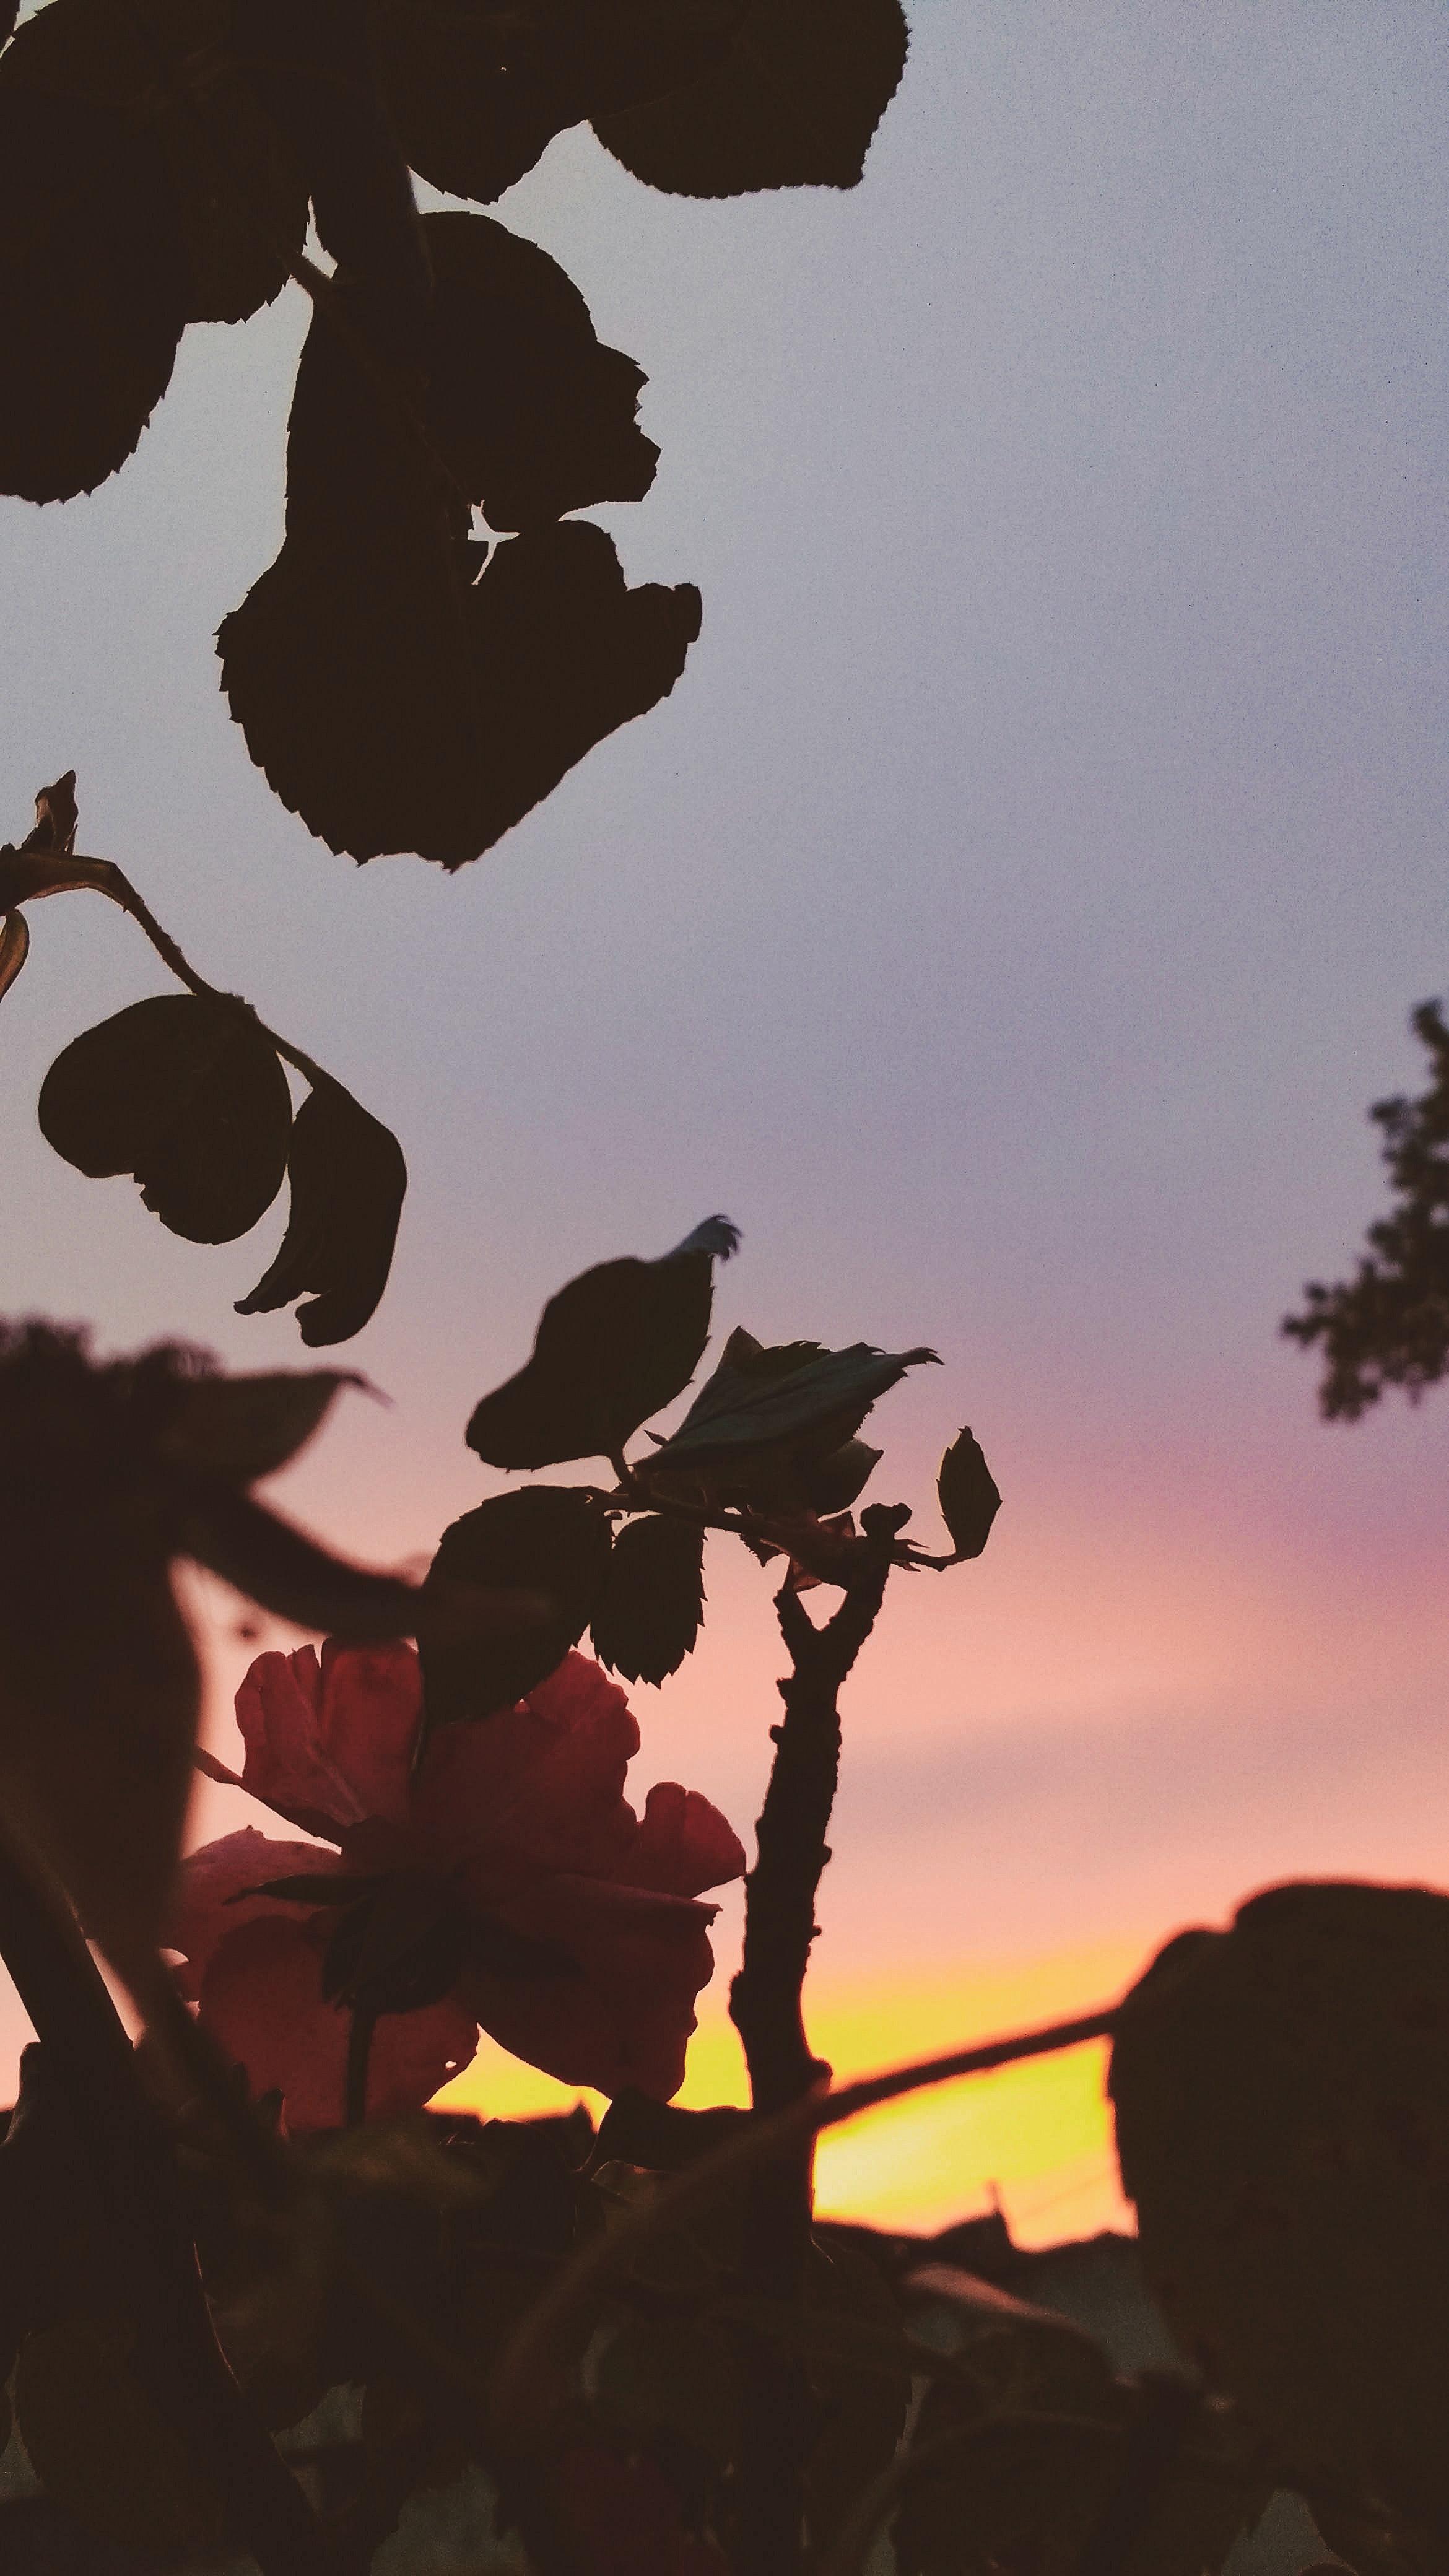 Photo Gratuite De Fond D Ecran Fleur Fond D Ecran Tumblr